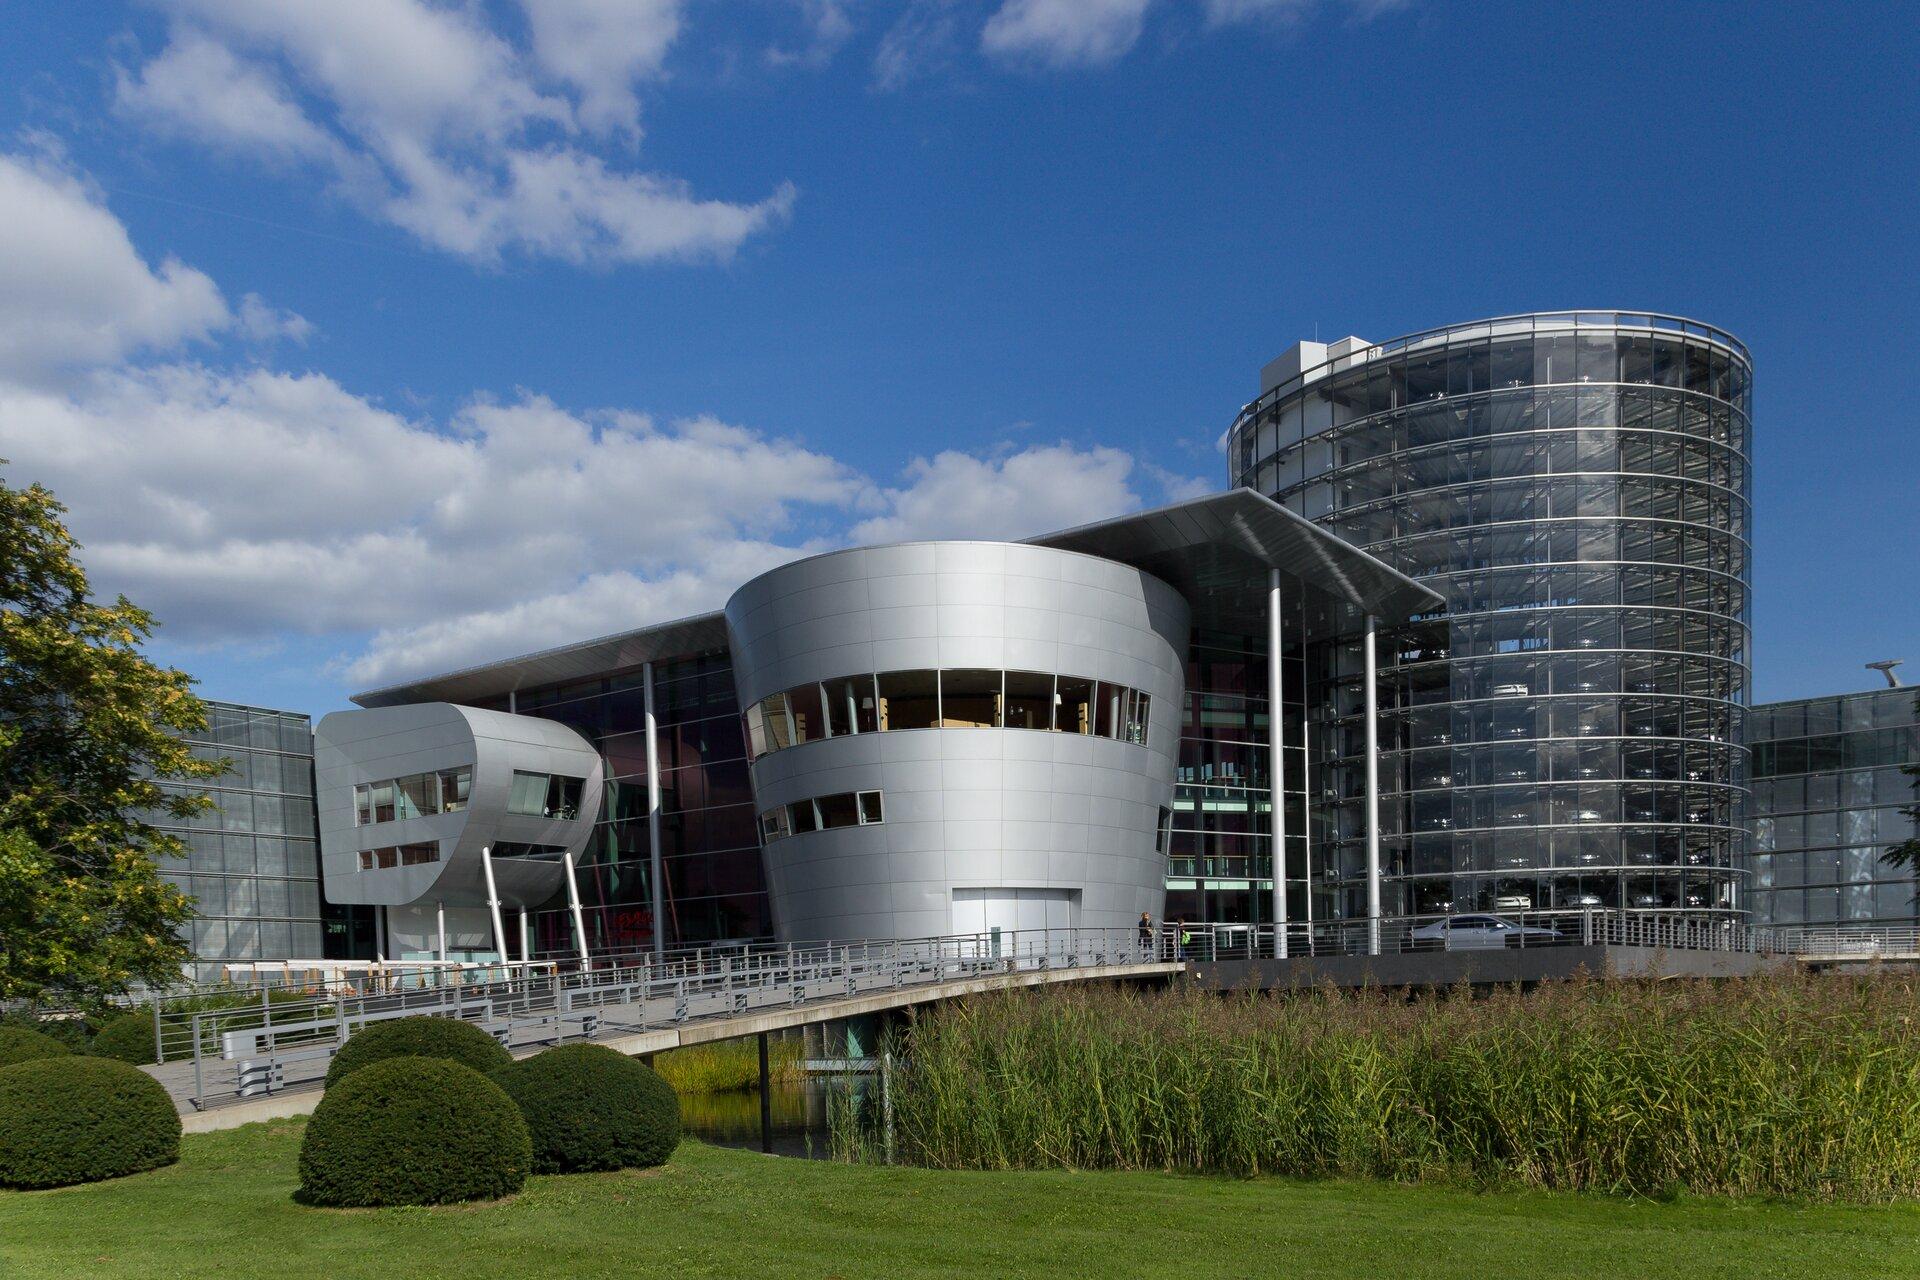 Zdjęcie przedstawia Szklaną Manufakturę wDreźnie, jedną zfabryk koncernu Volkswage. Budynek ma nowoczesny kształt pełen efektownych linii krzywych, acała jego główna część wraz zwieżą po prawej stronie pokryta jest wyłącznie szkłem.